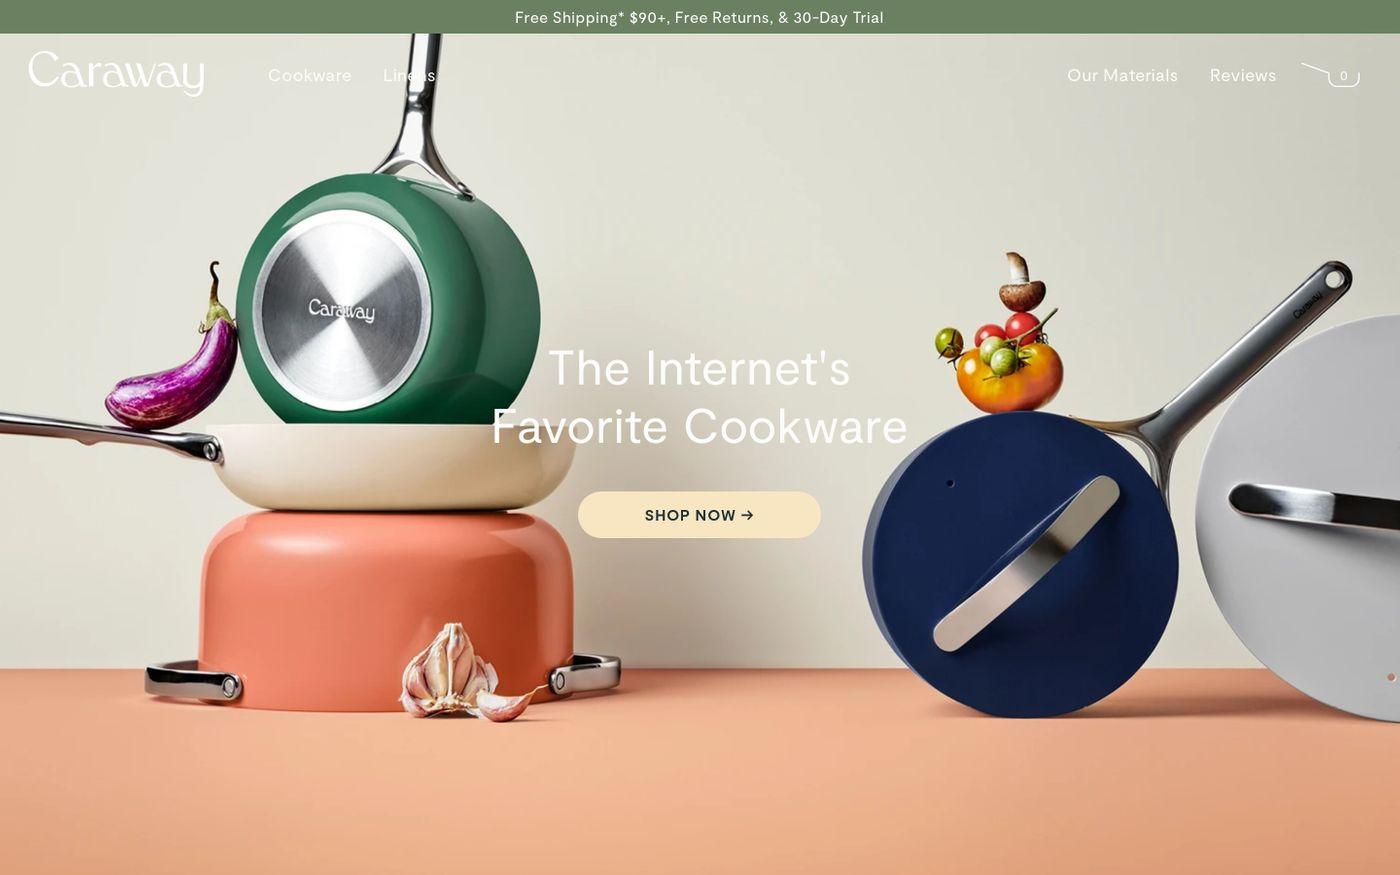 Screenshot of Caraway website